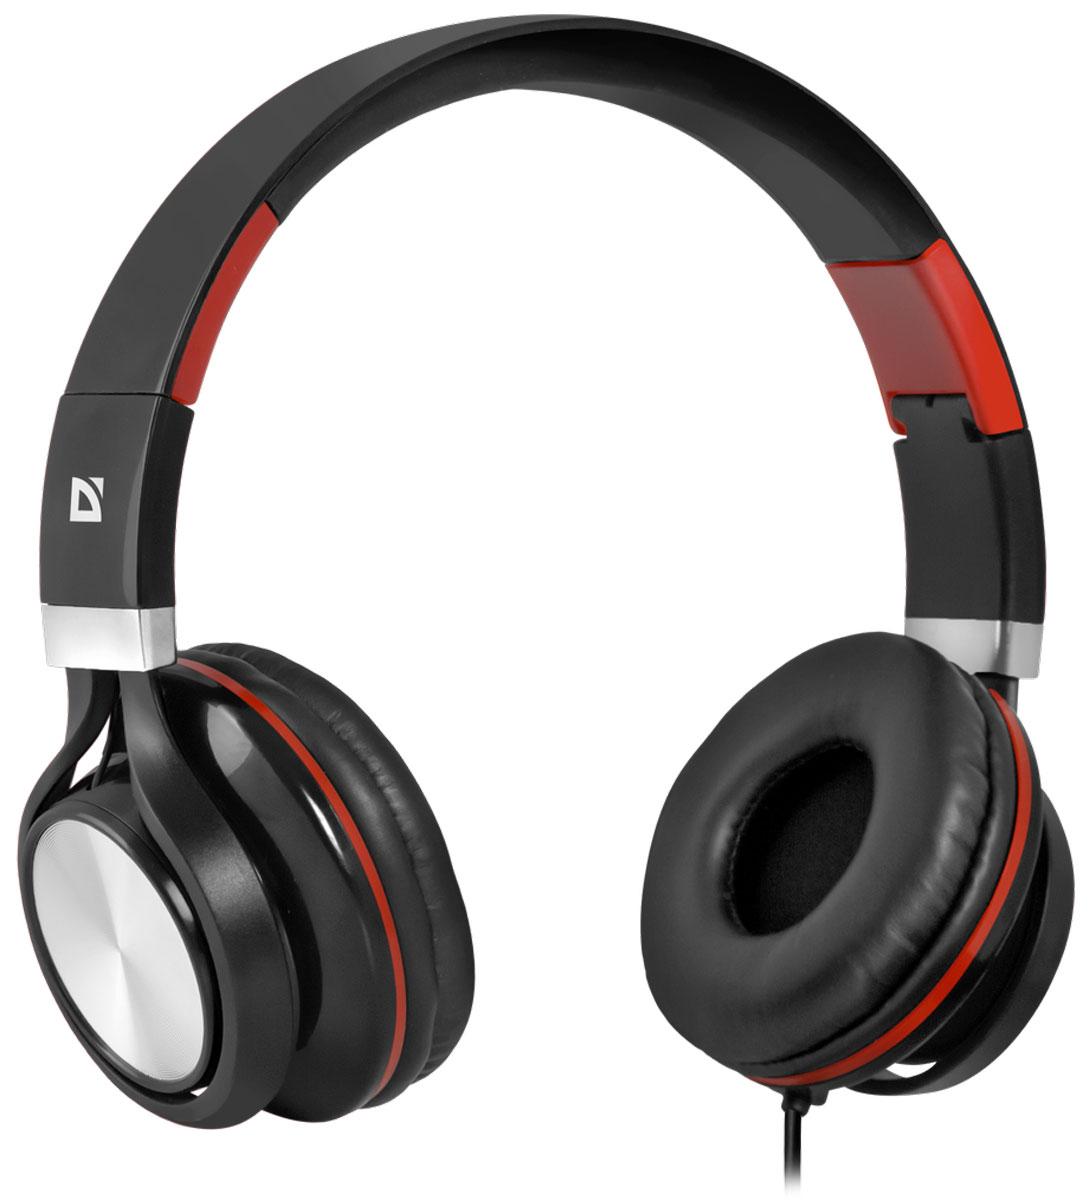 Defender Accord 175, Black Red гарнитура63175Гарнитура Defender Accord 175 предназначена для смартфонов, планшетных компьютеров, ноутбуков нового поколения, использующих комбинированный четырехпиновый разъем для наушников и микрофона. Микрофон и кнопка ответа на вызов находятся на кабеле. Комфортные амбушюры. Благодаря хорошей звукоизоляции слушайте любимую музыку и аудиокниги в дороге - ничто не будет вам мешать. С помощью адаптера для ПК, входящего в комплект, гарнитуру можно подключить к устаревшим ноутбукам и компьютерам с двумя отдельными разъемами для наушников и микрофона. Импеданс микрофона: 2.2 кОм Чувствительность микрофона: 58 дБ Частотный диапазон микрофона: 20-16000 Гц